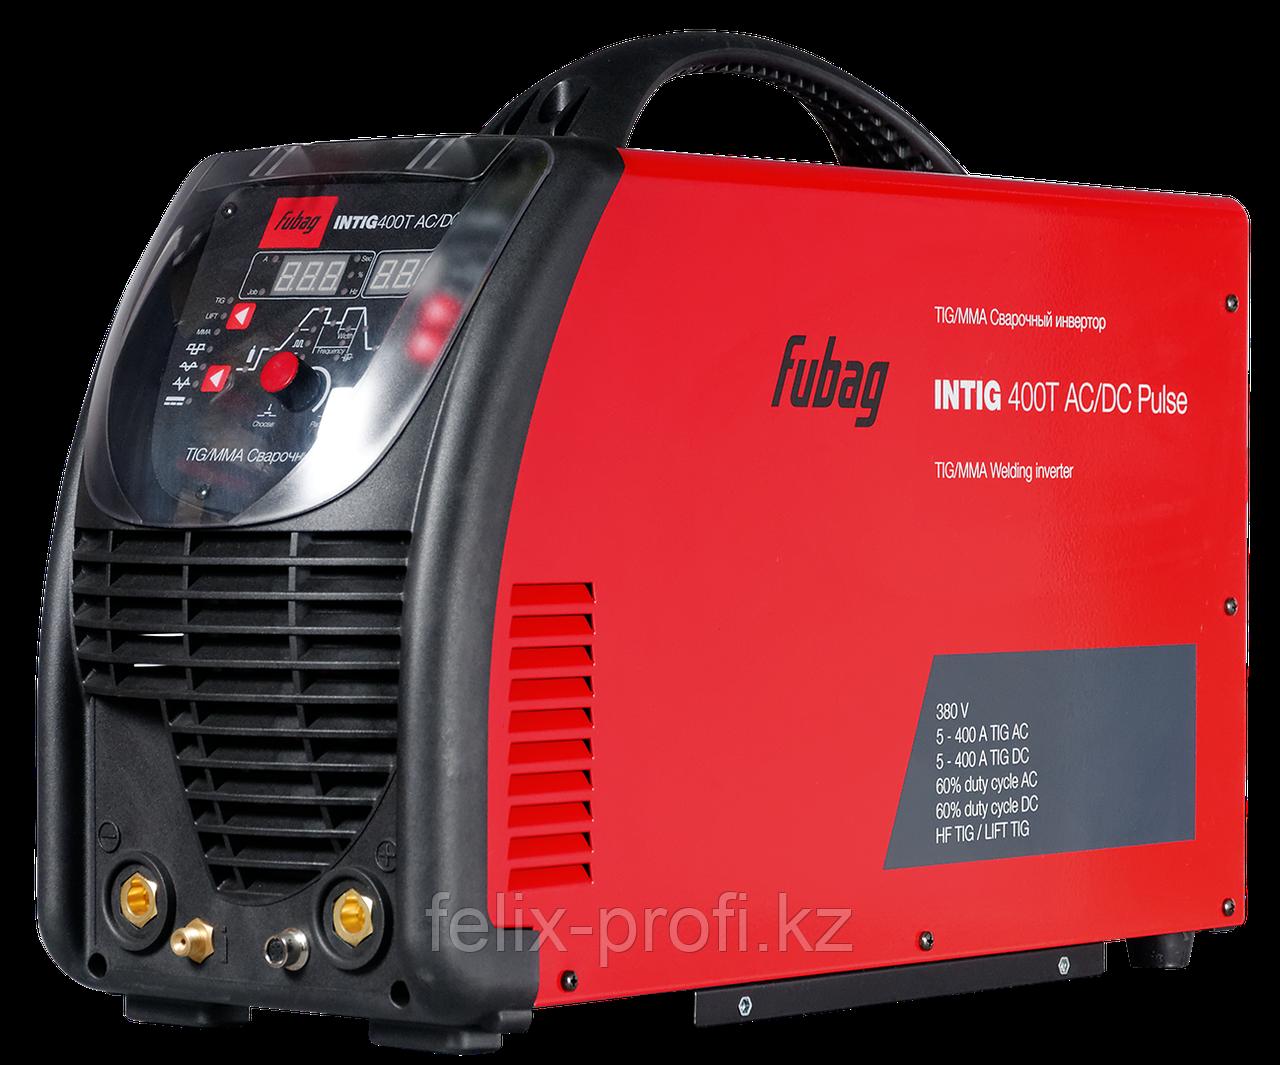 FUBAG Сварочный инверторный аргонодуговой аппарат INTIG 400 T AC/DC PULSE c горелкой FB TIG 26 5P 4m (38459)